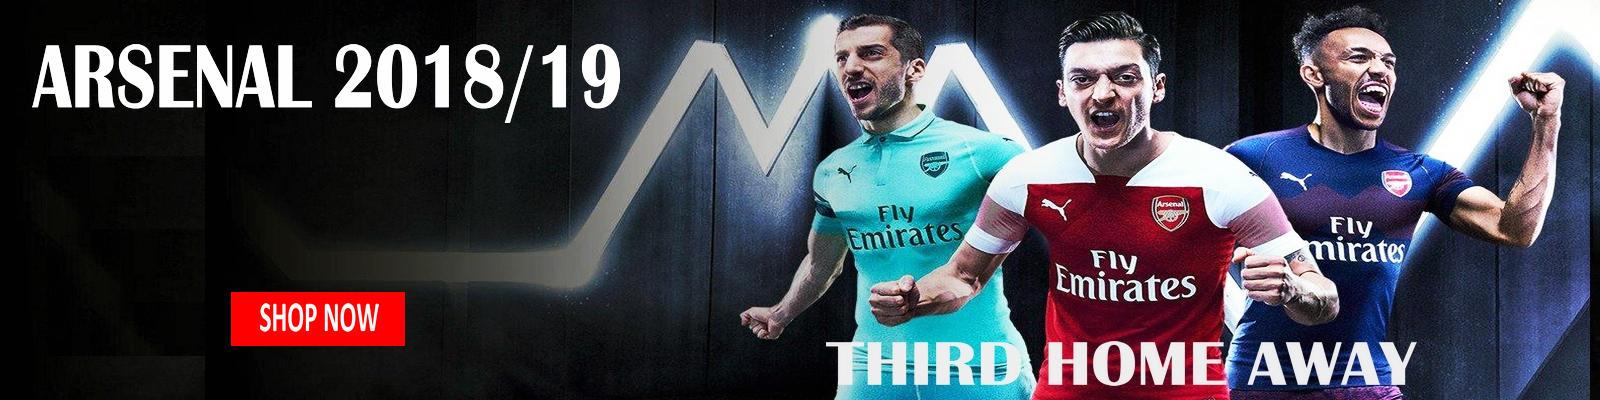 Ozil Arsenal Jersey 2018-19